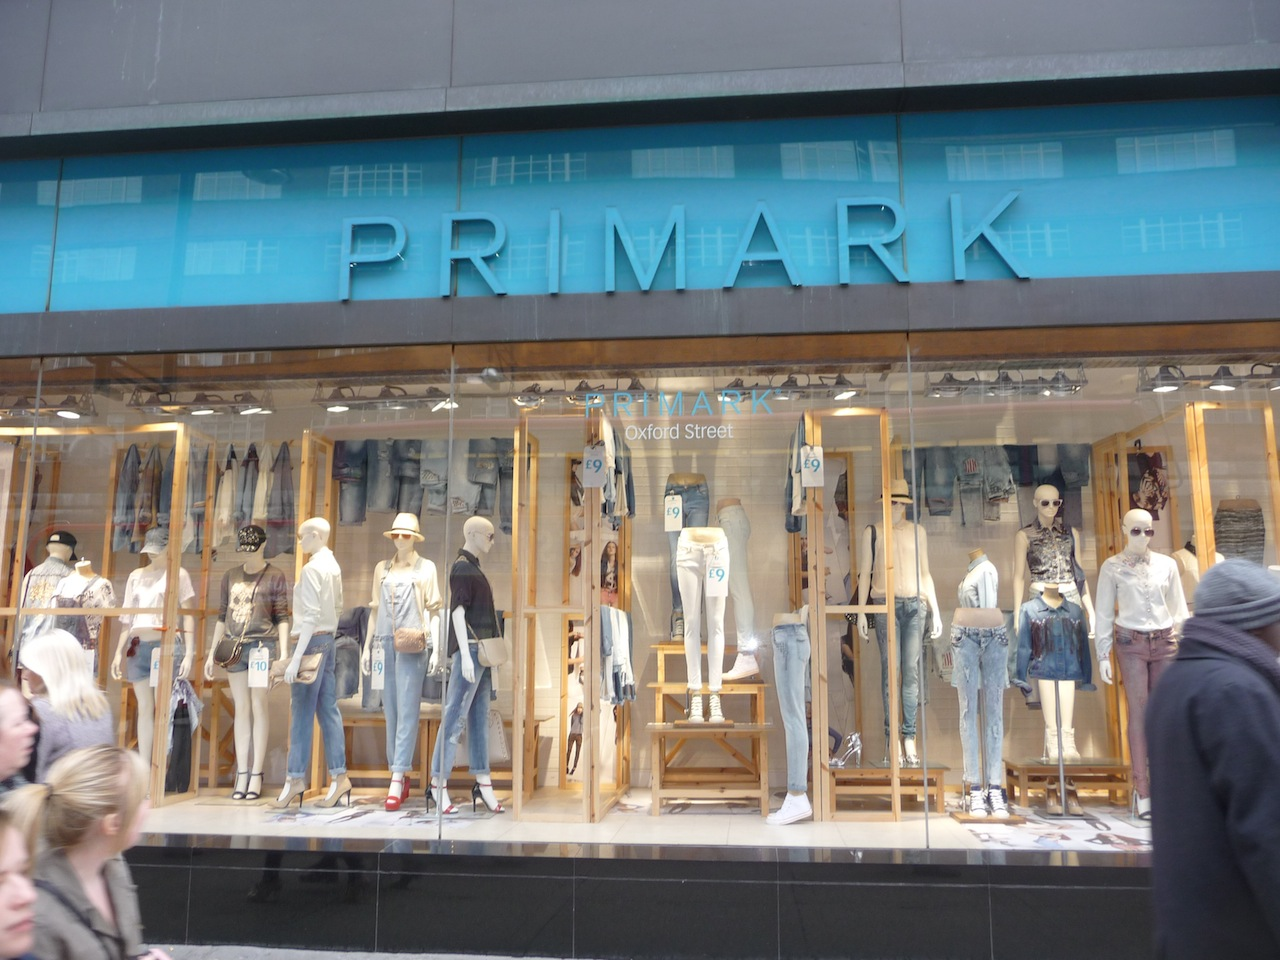 Blog: Why I won't be boycotting Primark